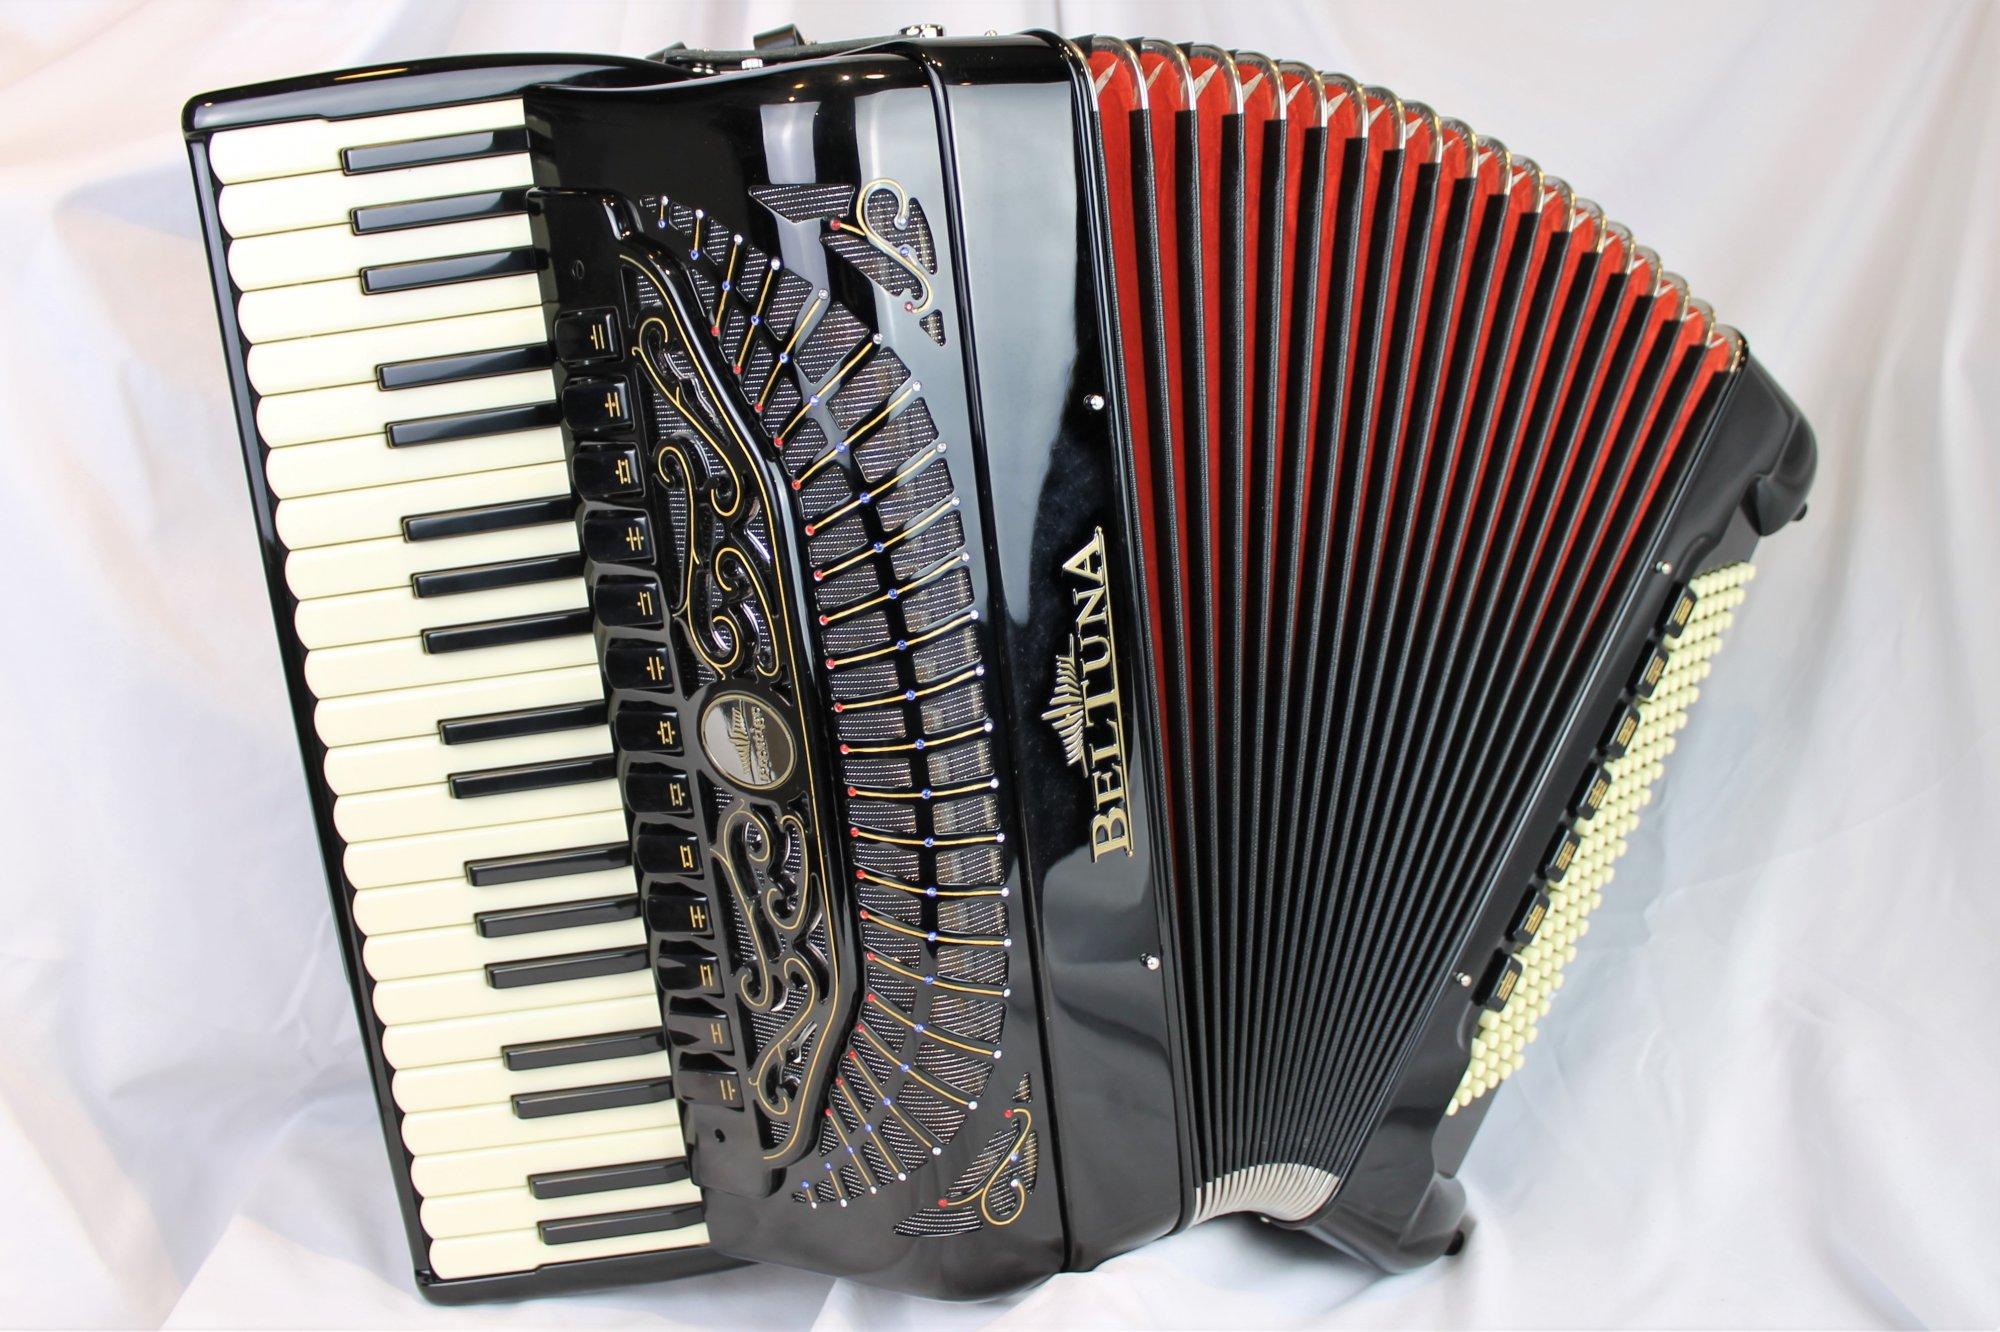 NEW Black Beltuna Prestige IV Balkan Star Piano Accordion LMMH 41 120